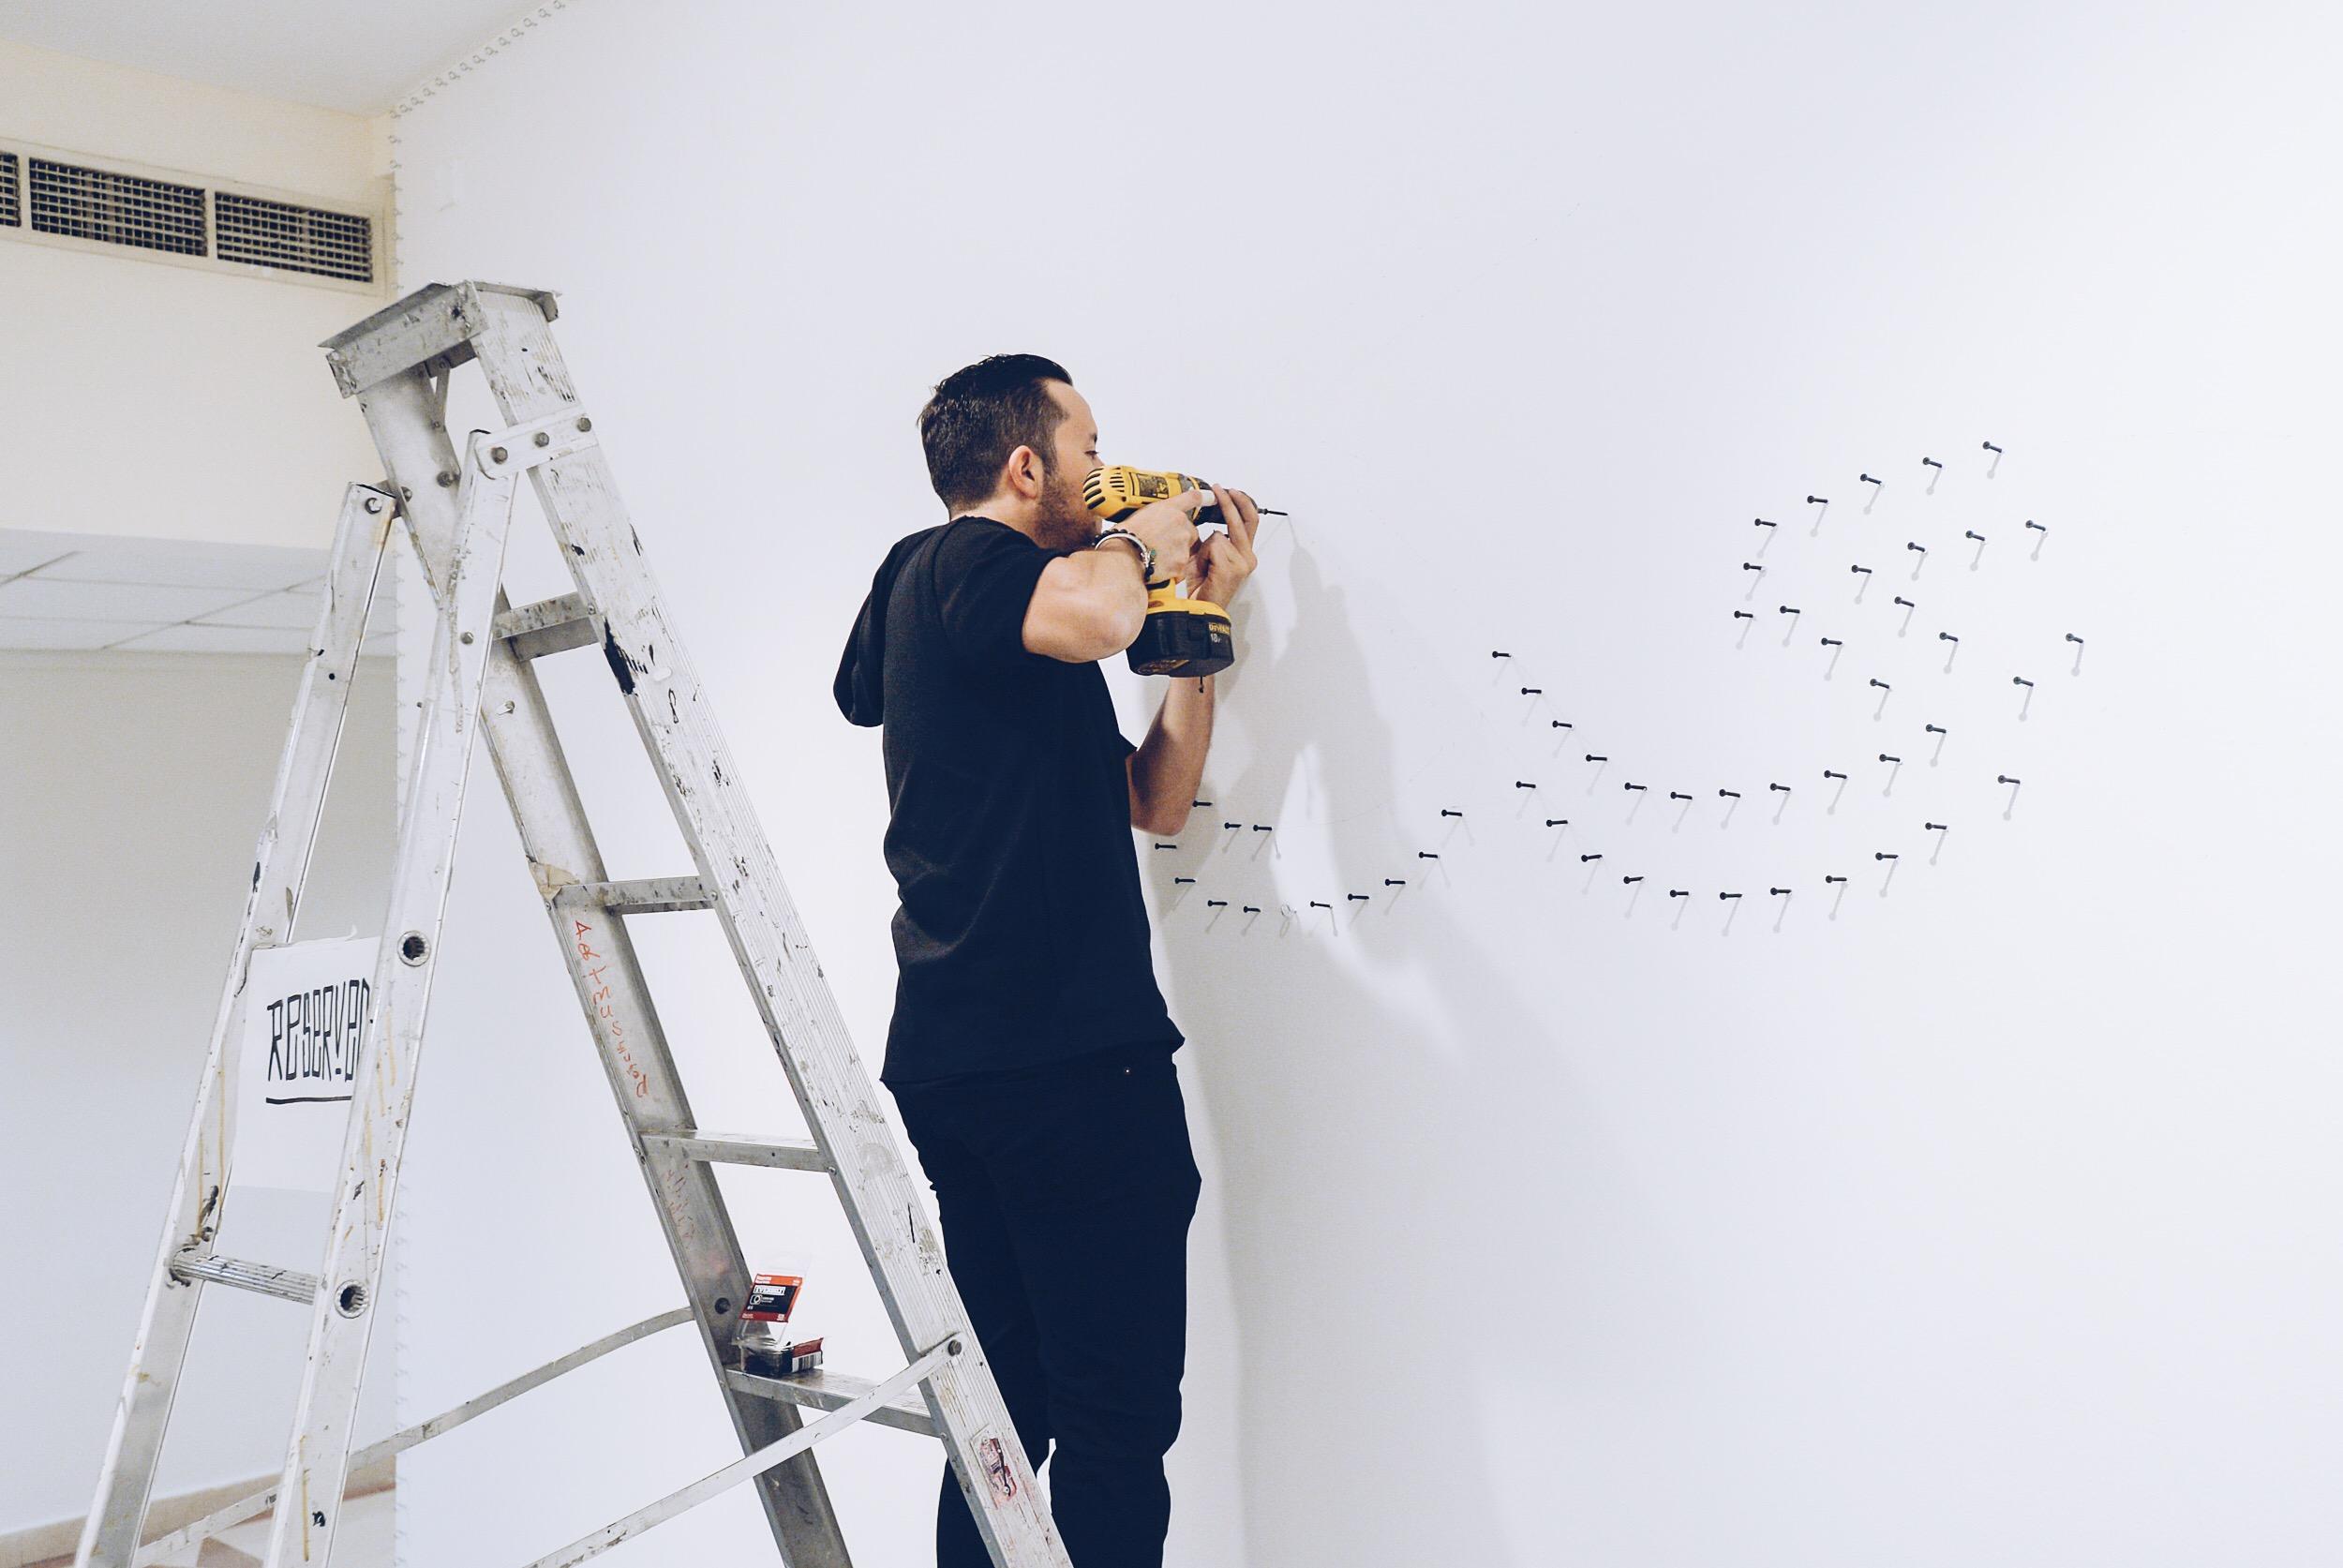 Calligraphy Biennial Camilo Rojas